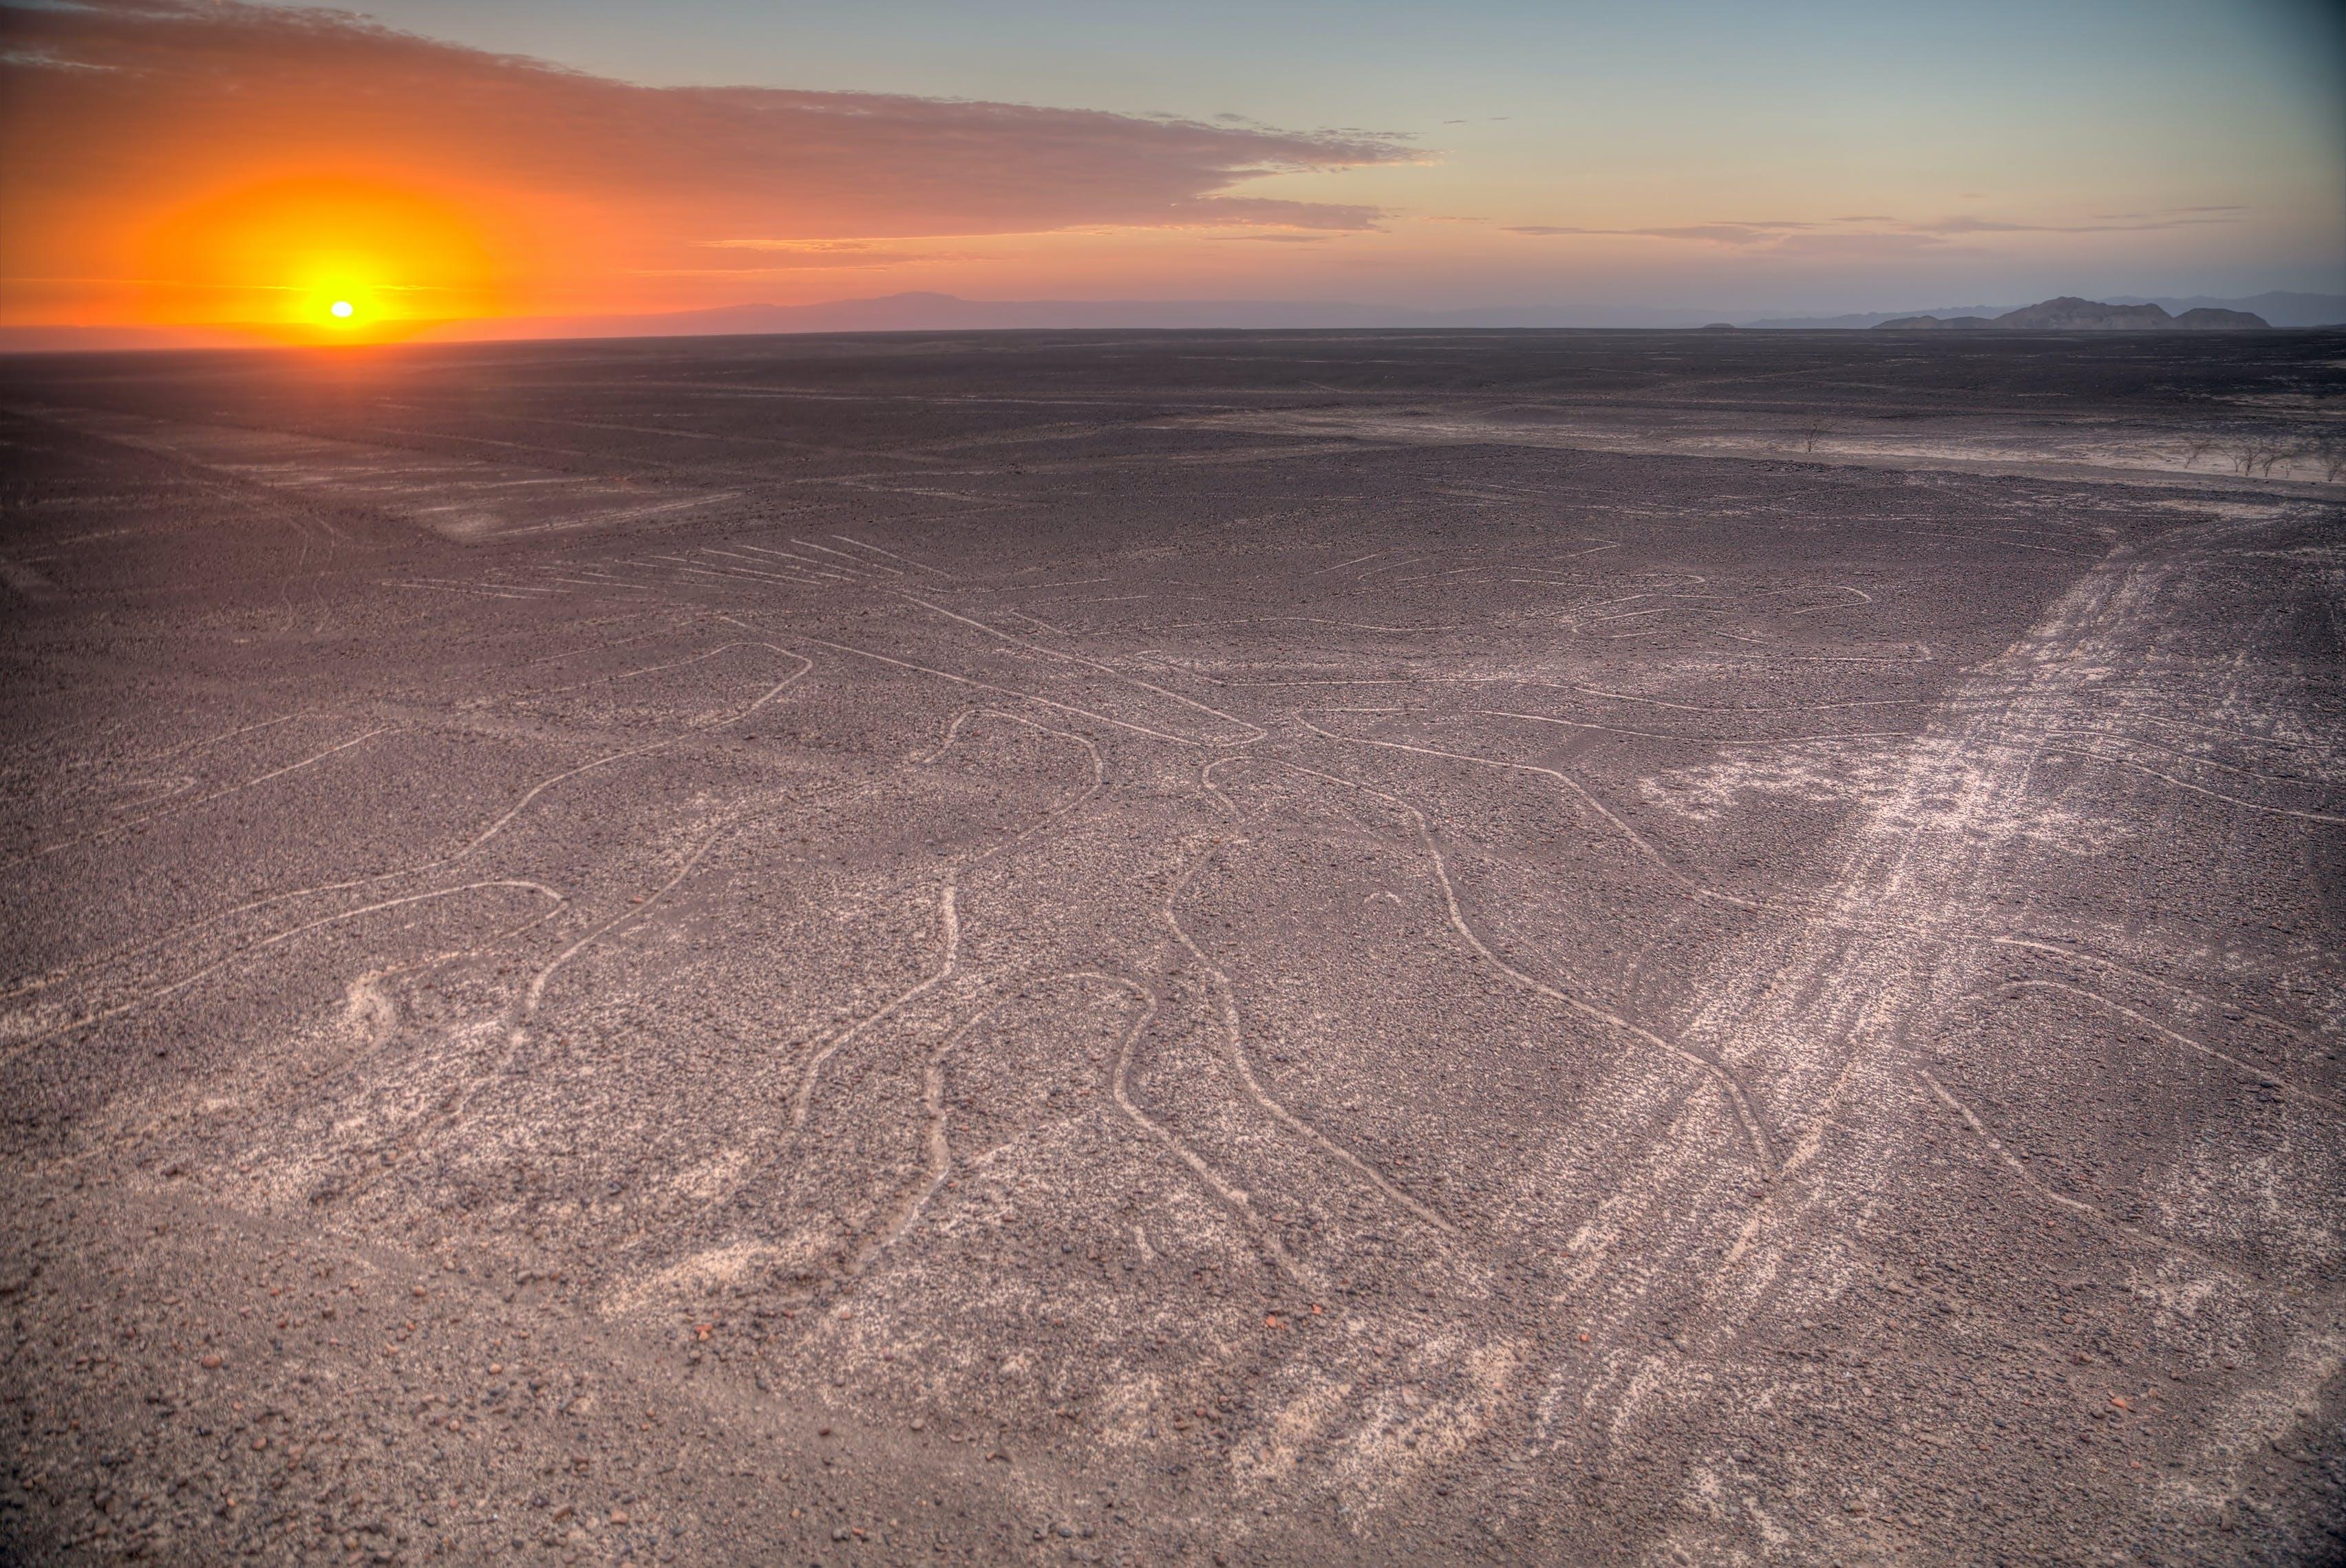 Nazca staat bekend om de wereldberoemde Nazcalijnen